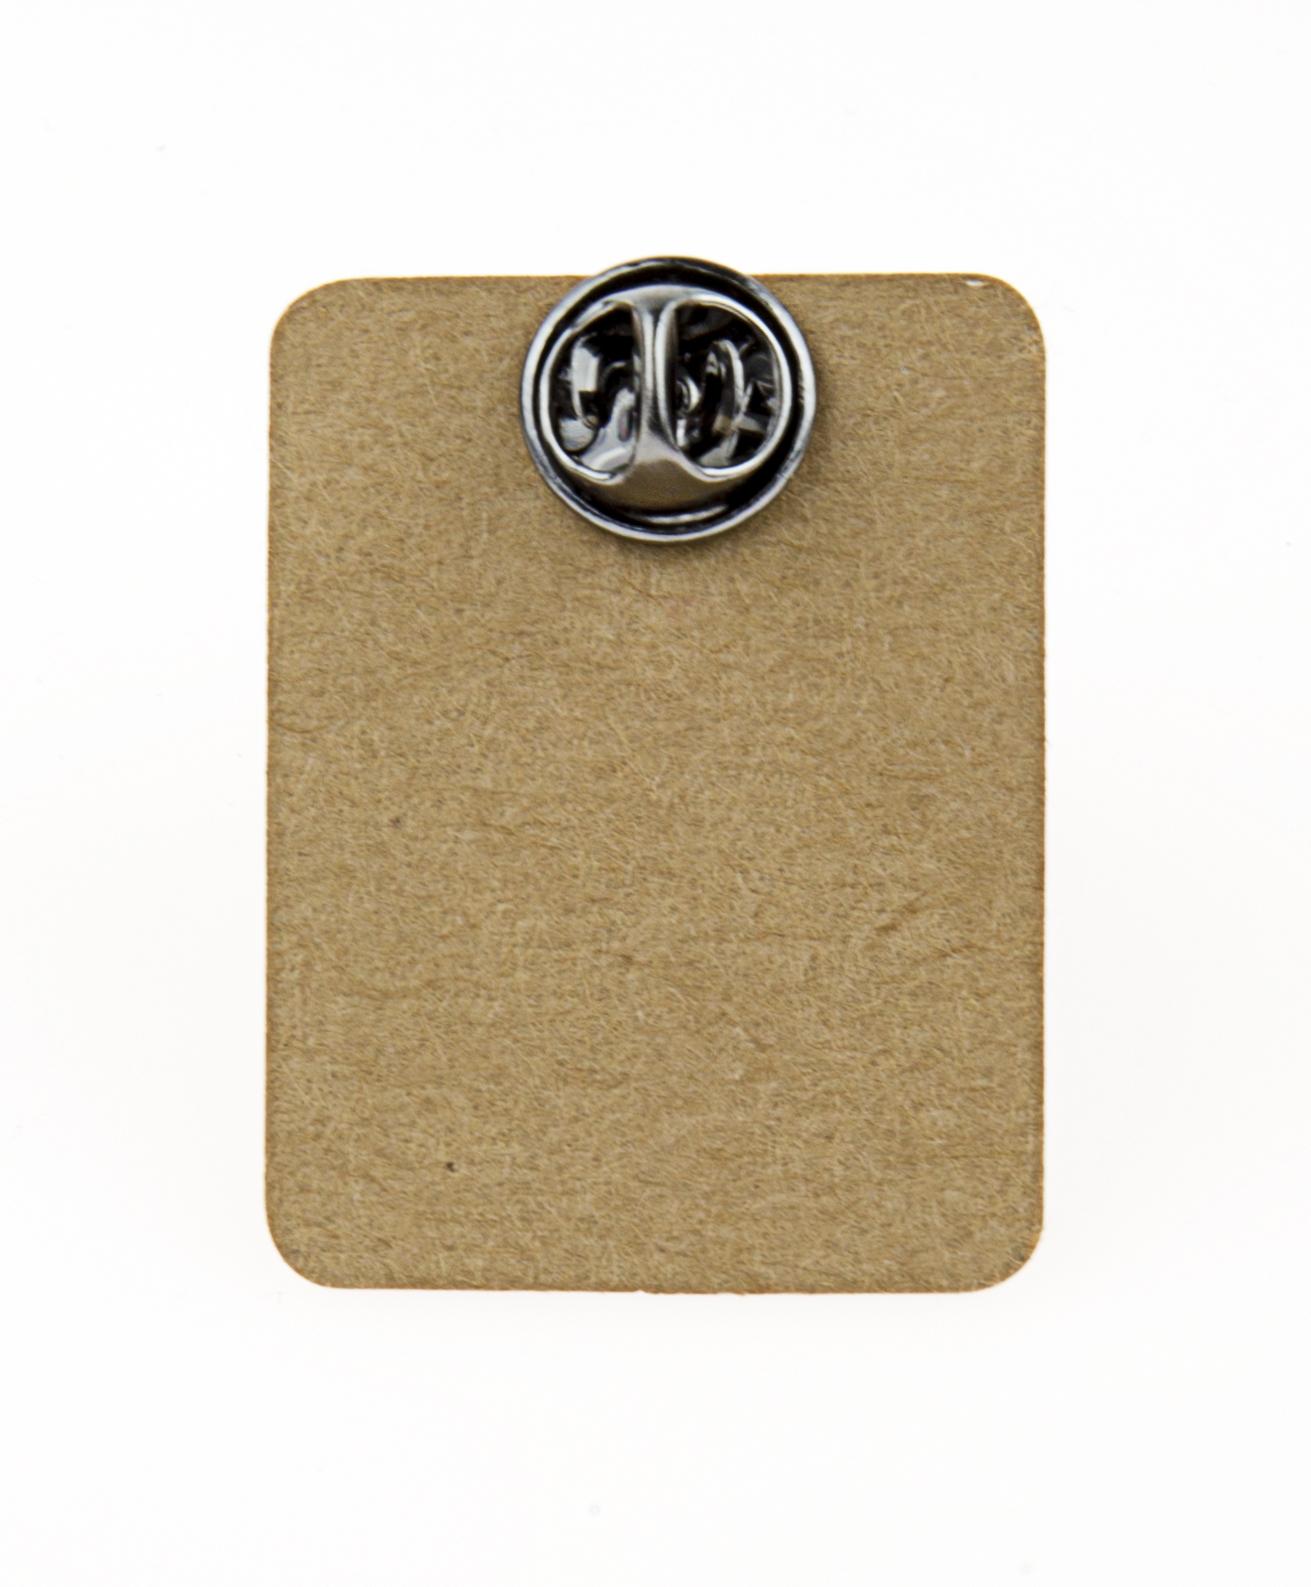 Metal Panda Head Enamel Pin Badge